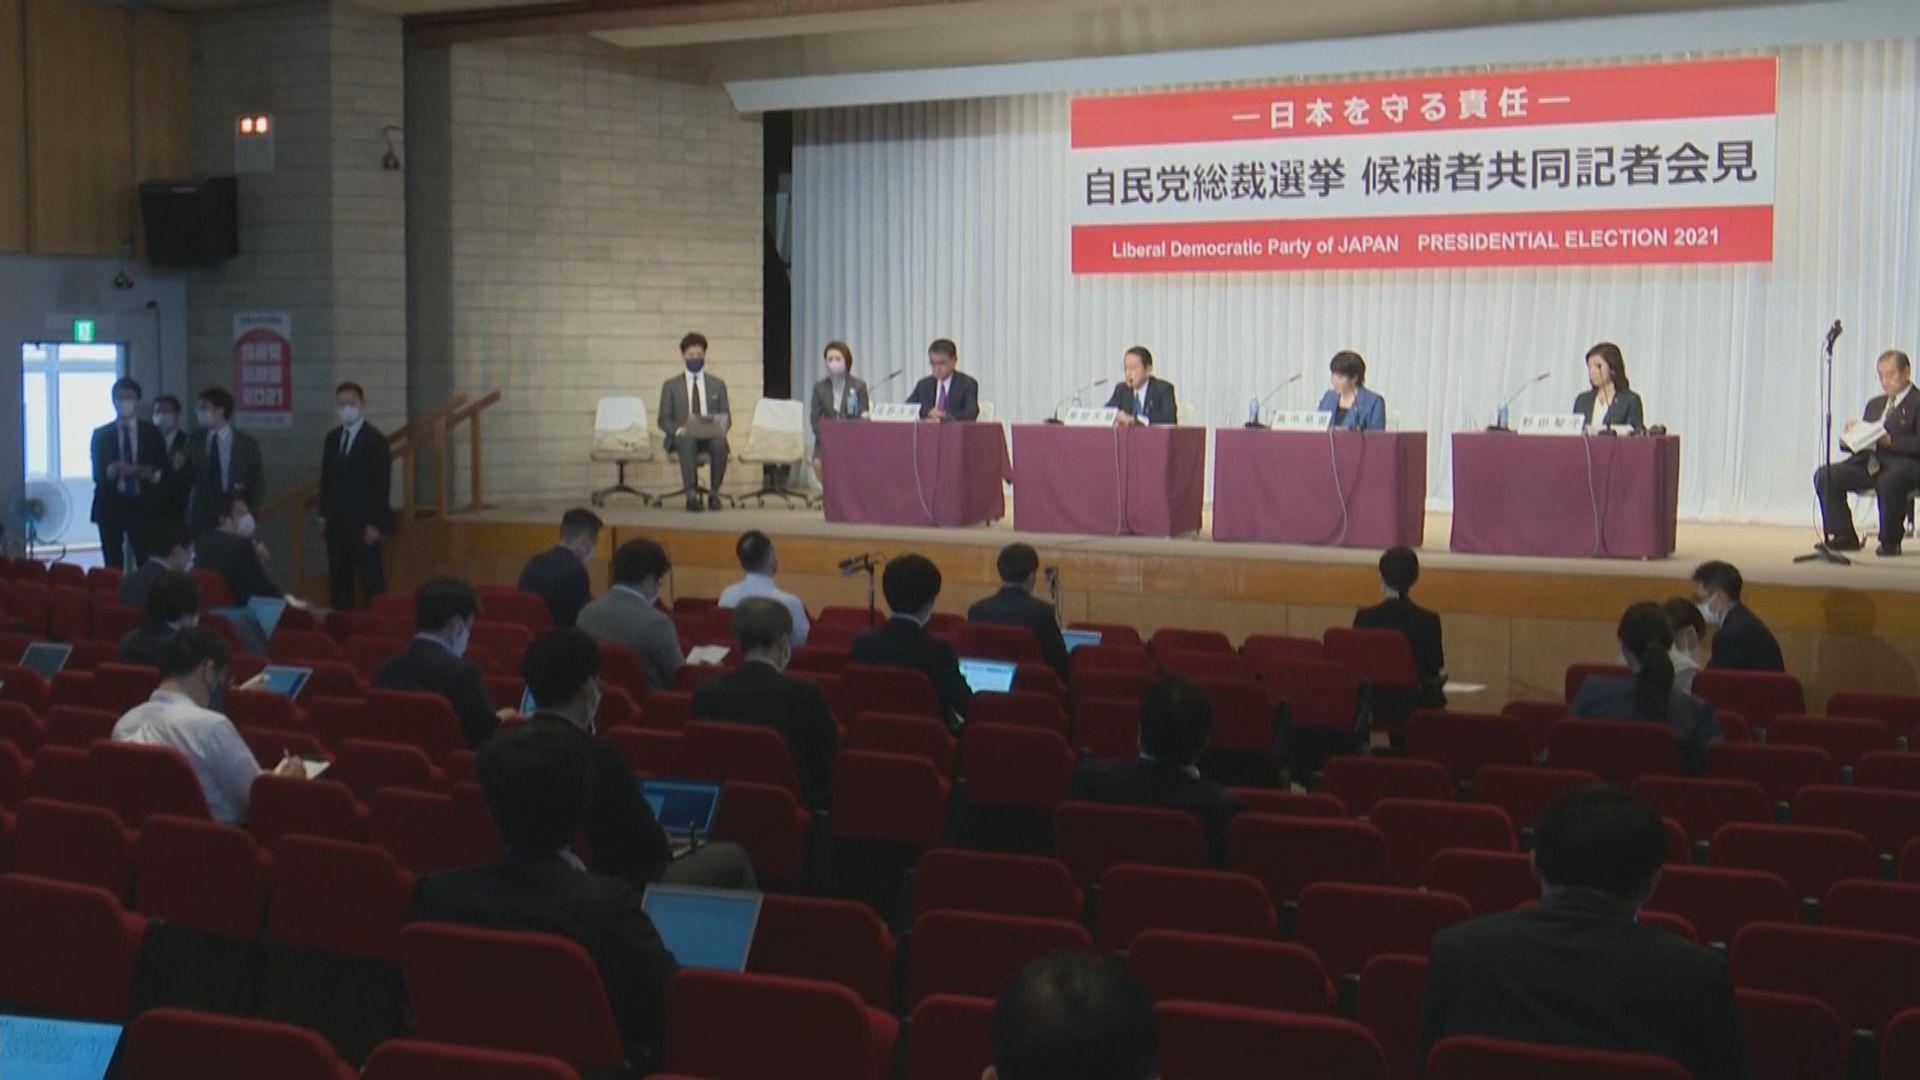 日本自民黨黨總裁選舉 河野太郎及岸田文雄勢均力敵